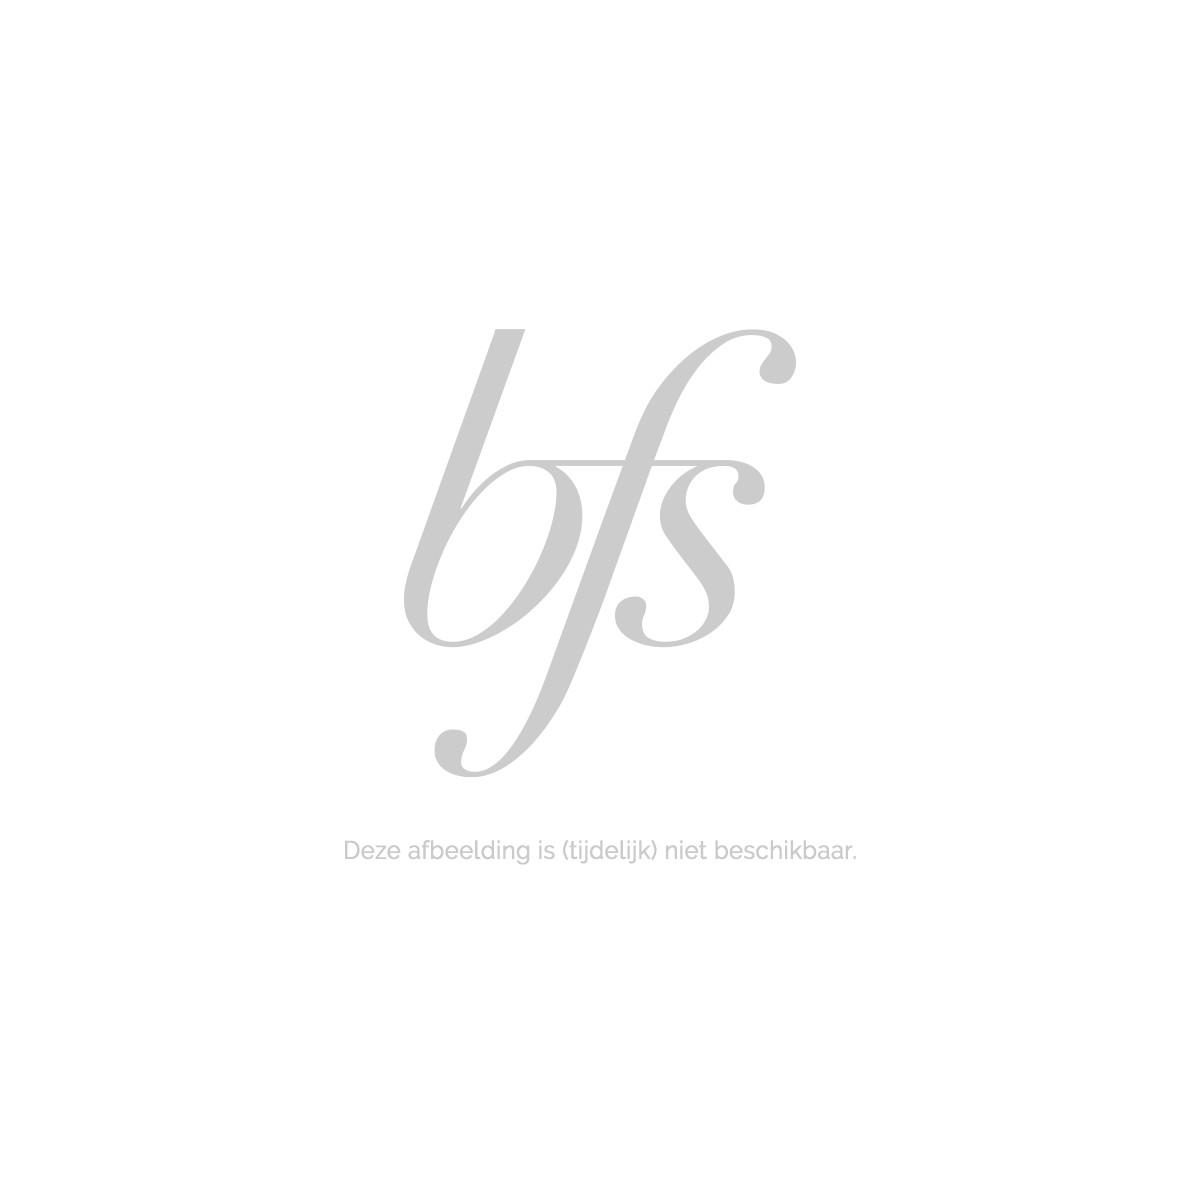 Pupa Antitraccia Foundation 03 Medium Beige